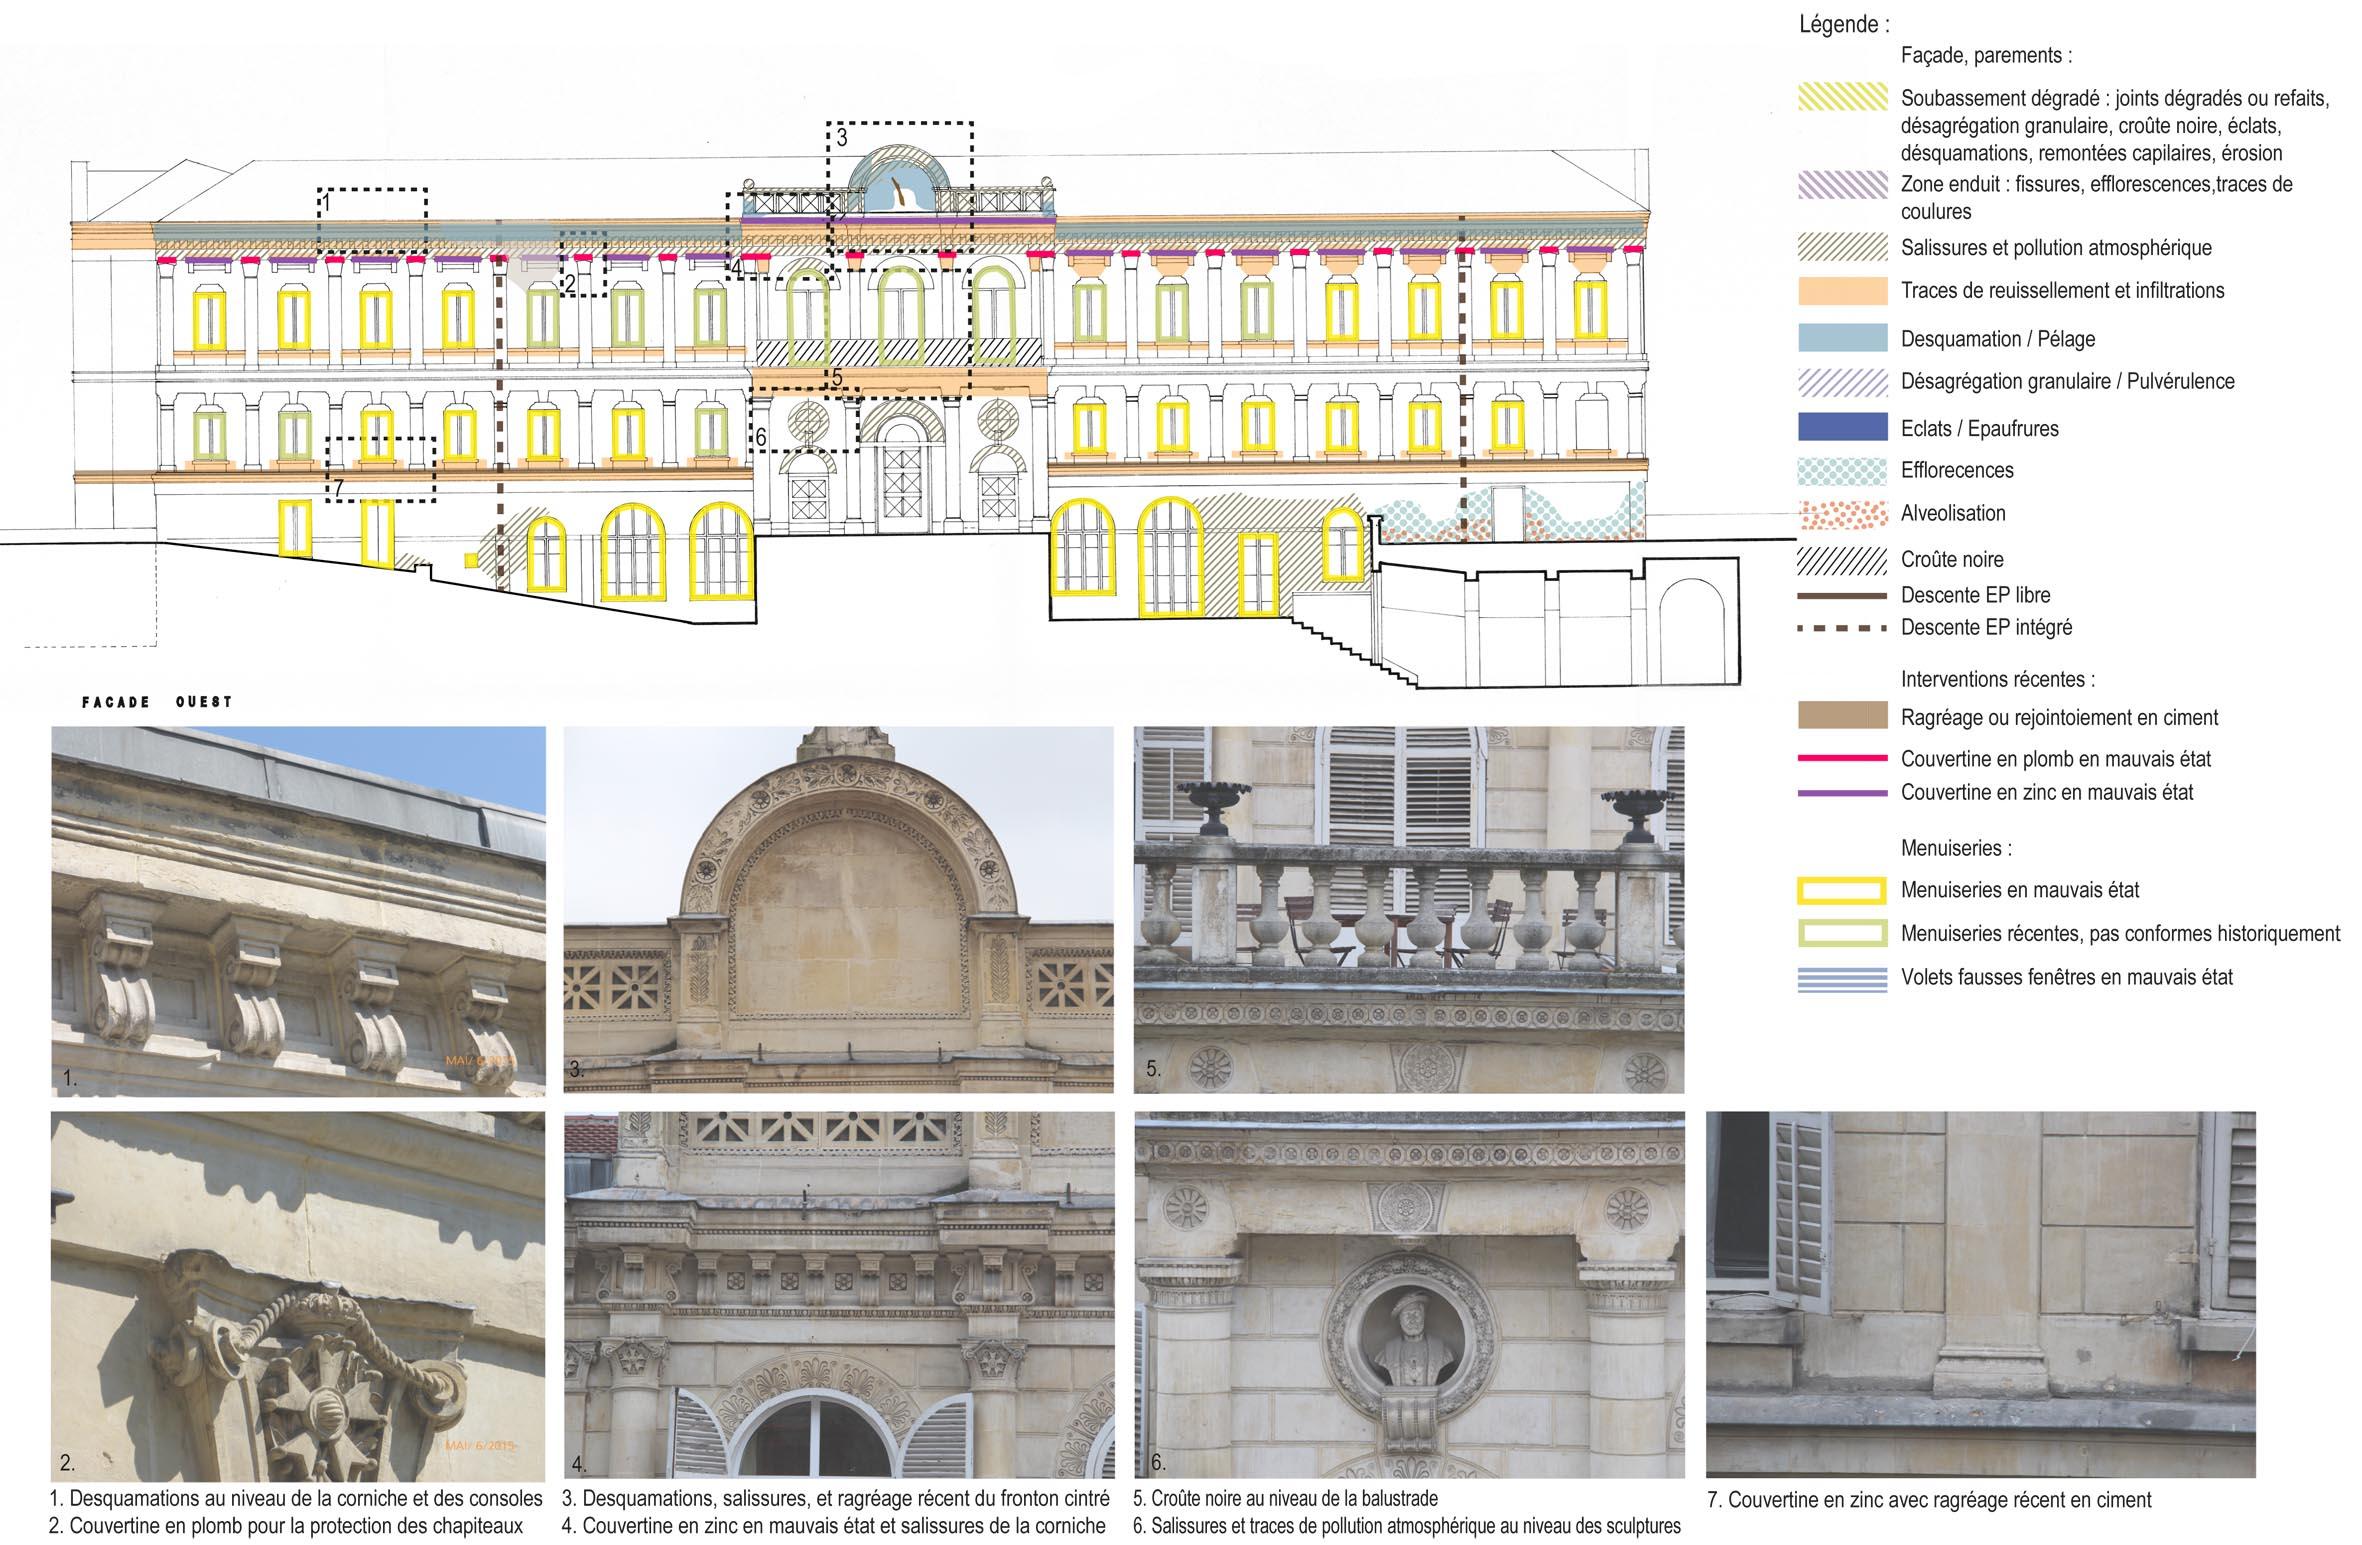 Agence Caillault ACMH – Palais de France, Istanbul – Extrait de l'état sanitaire de la façade ouest